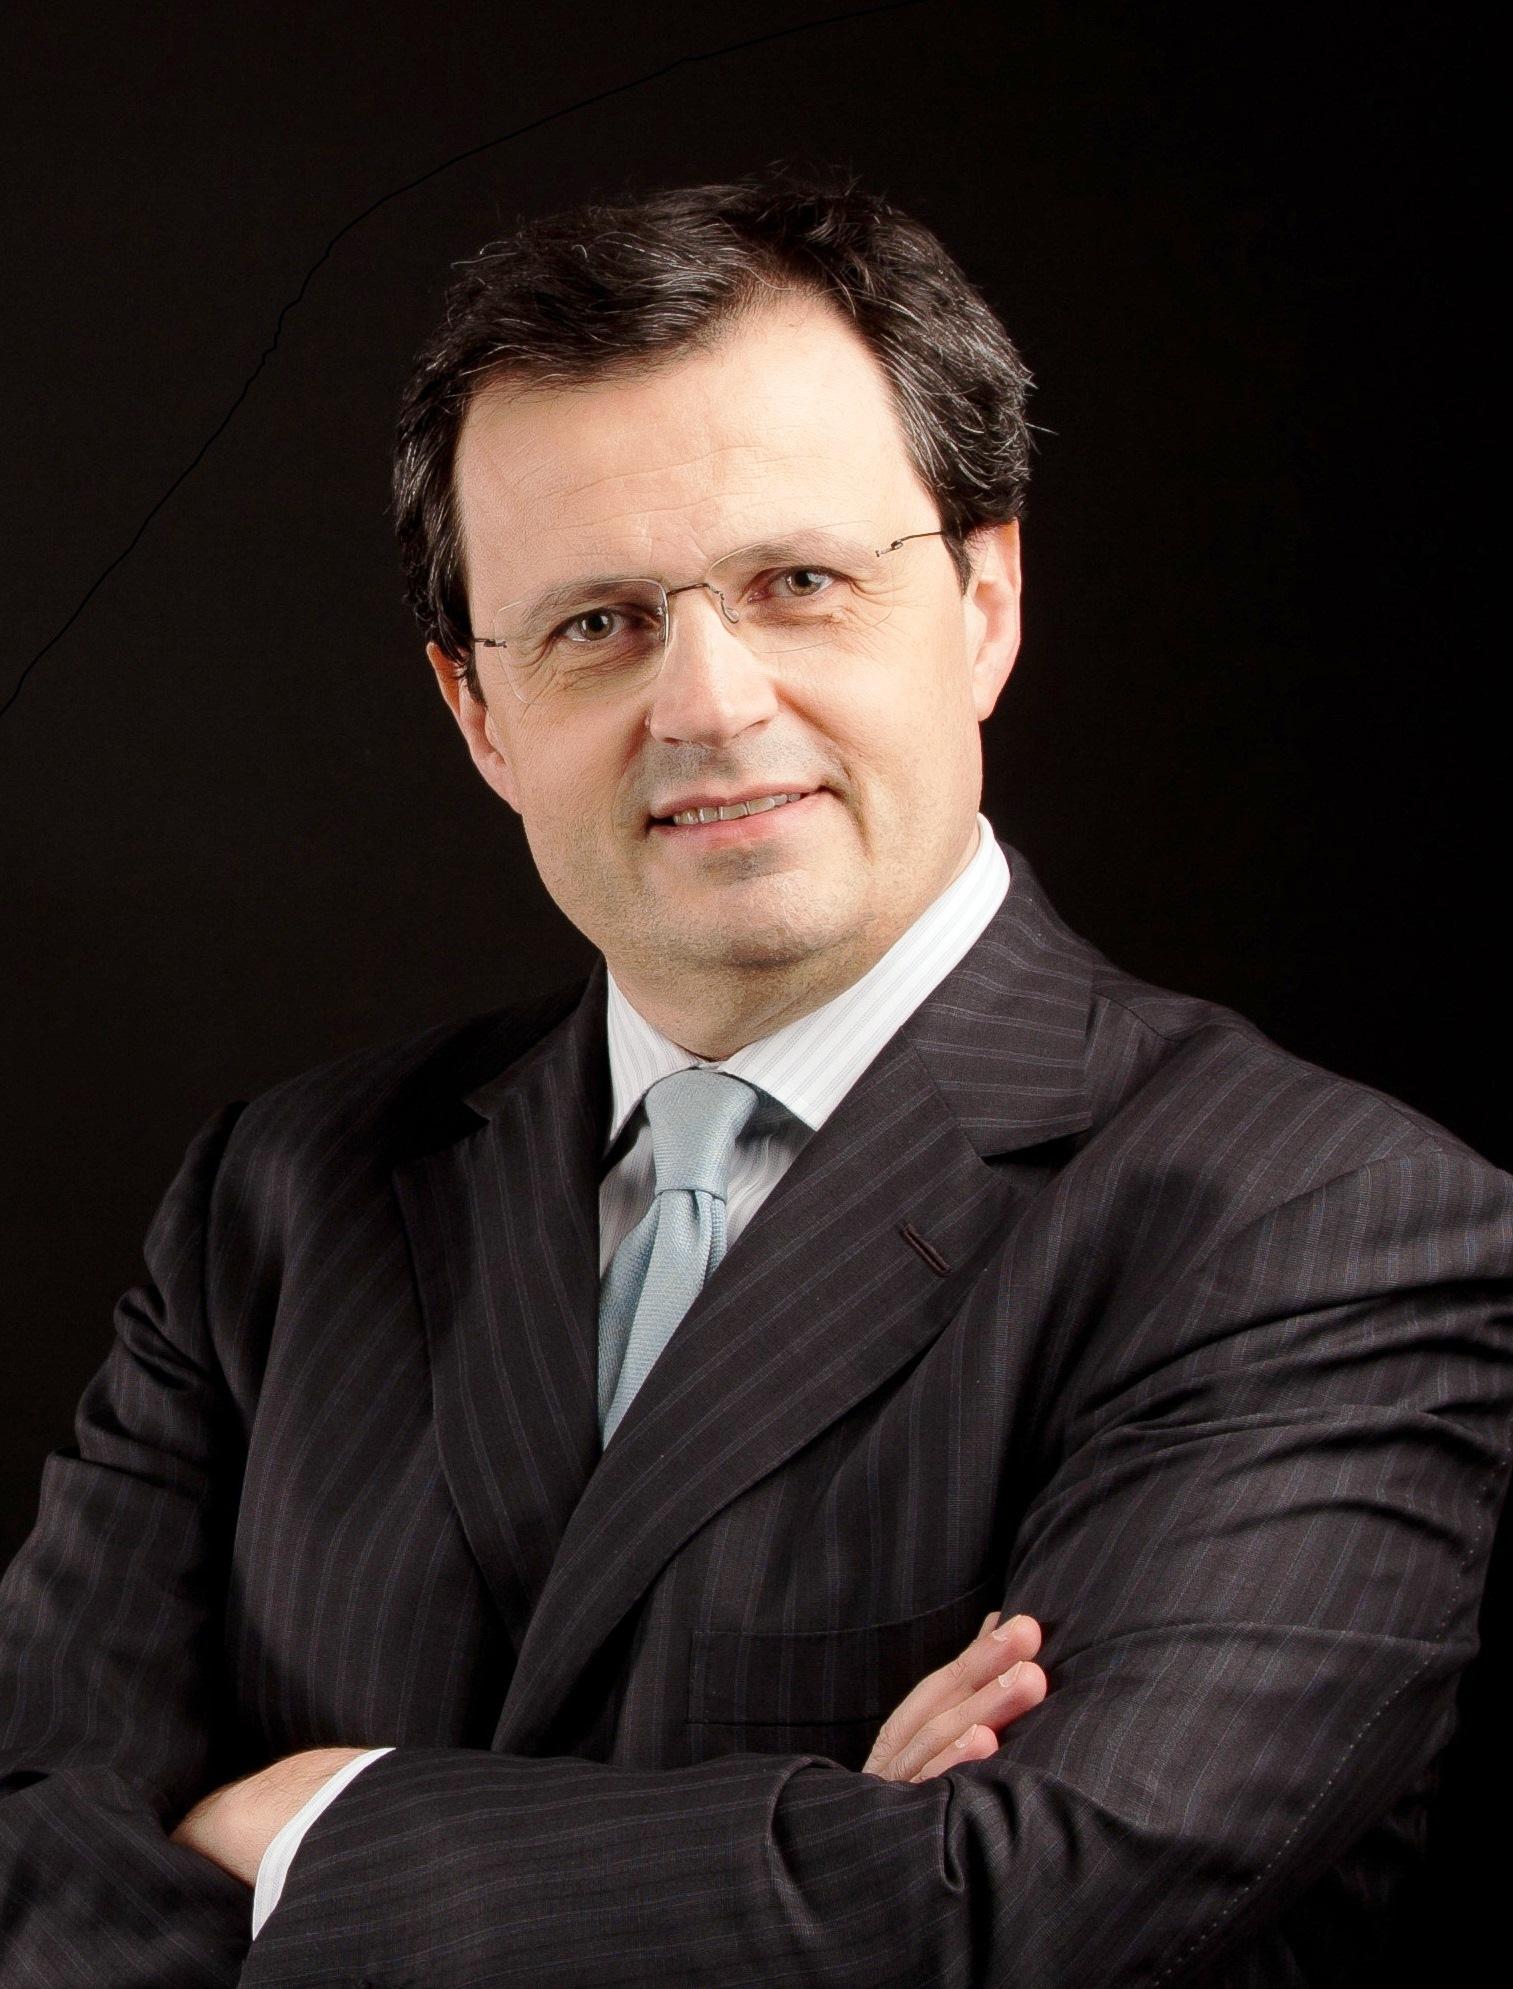 Corbetta Guido